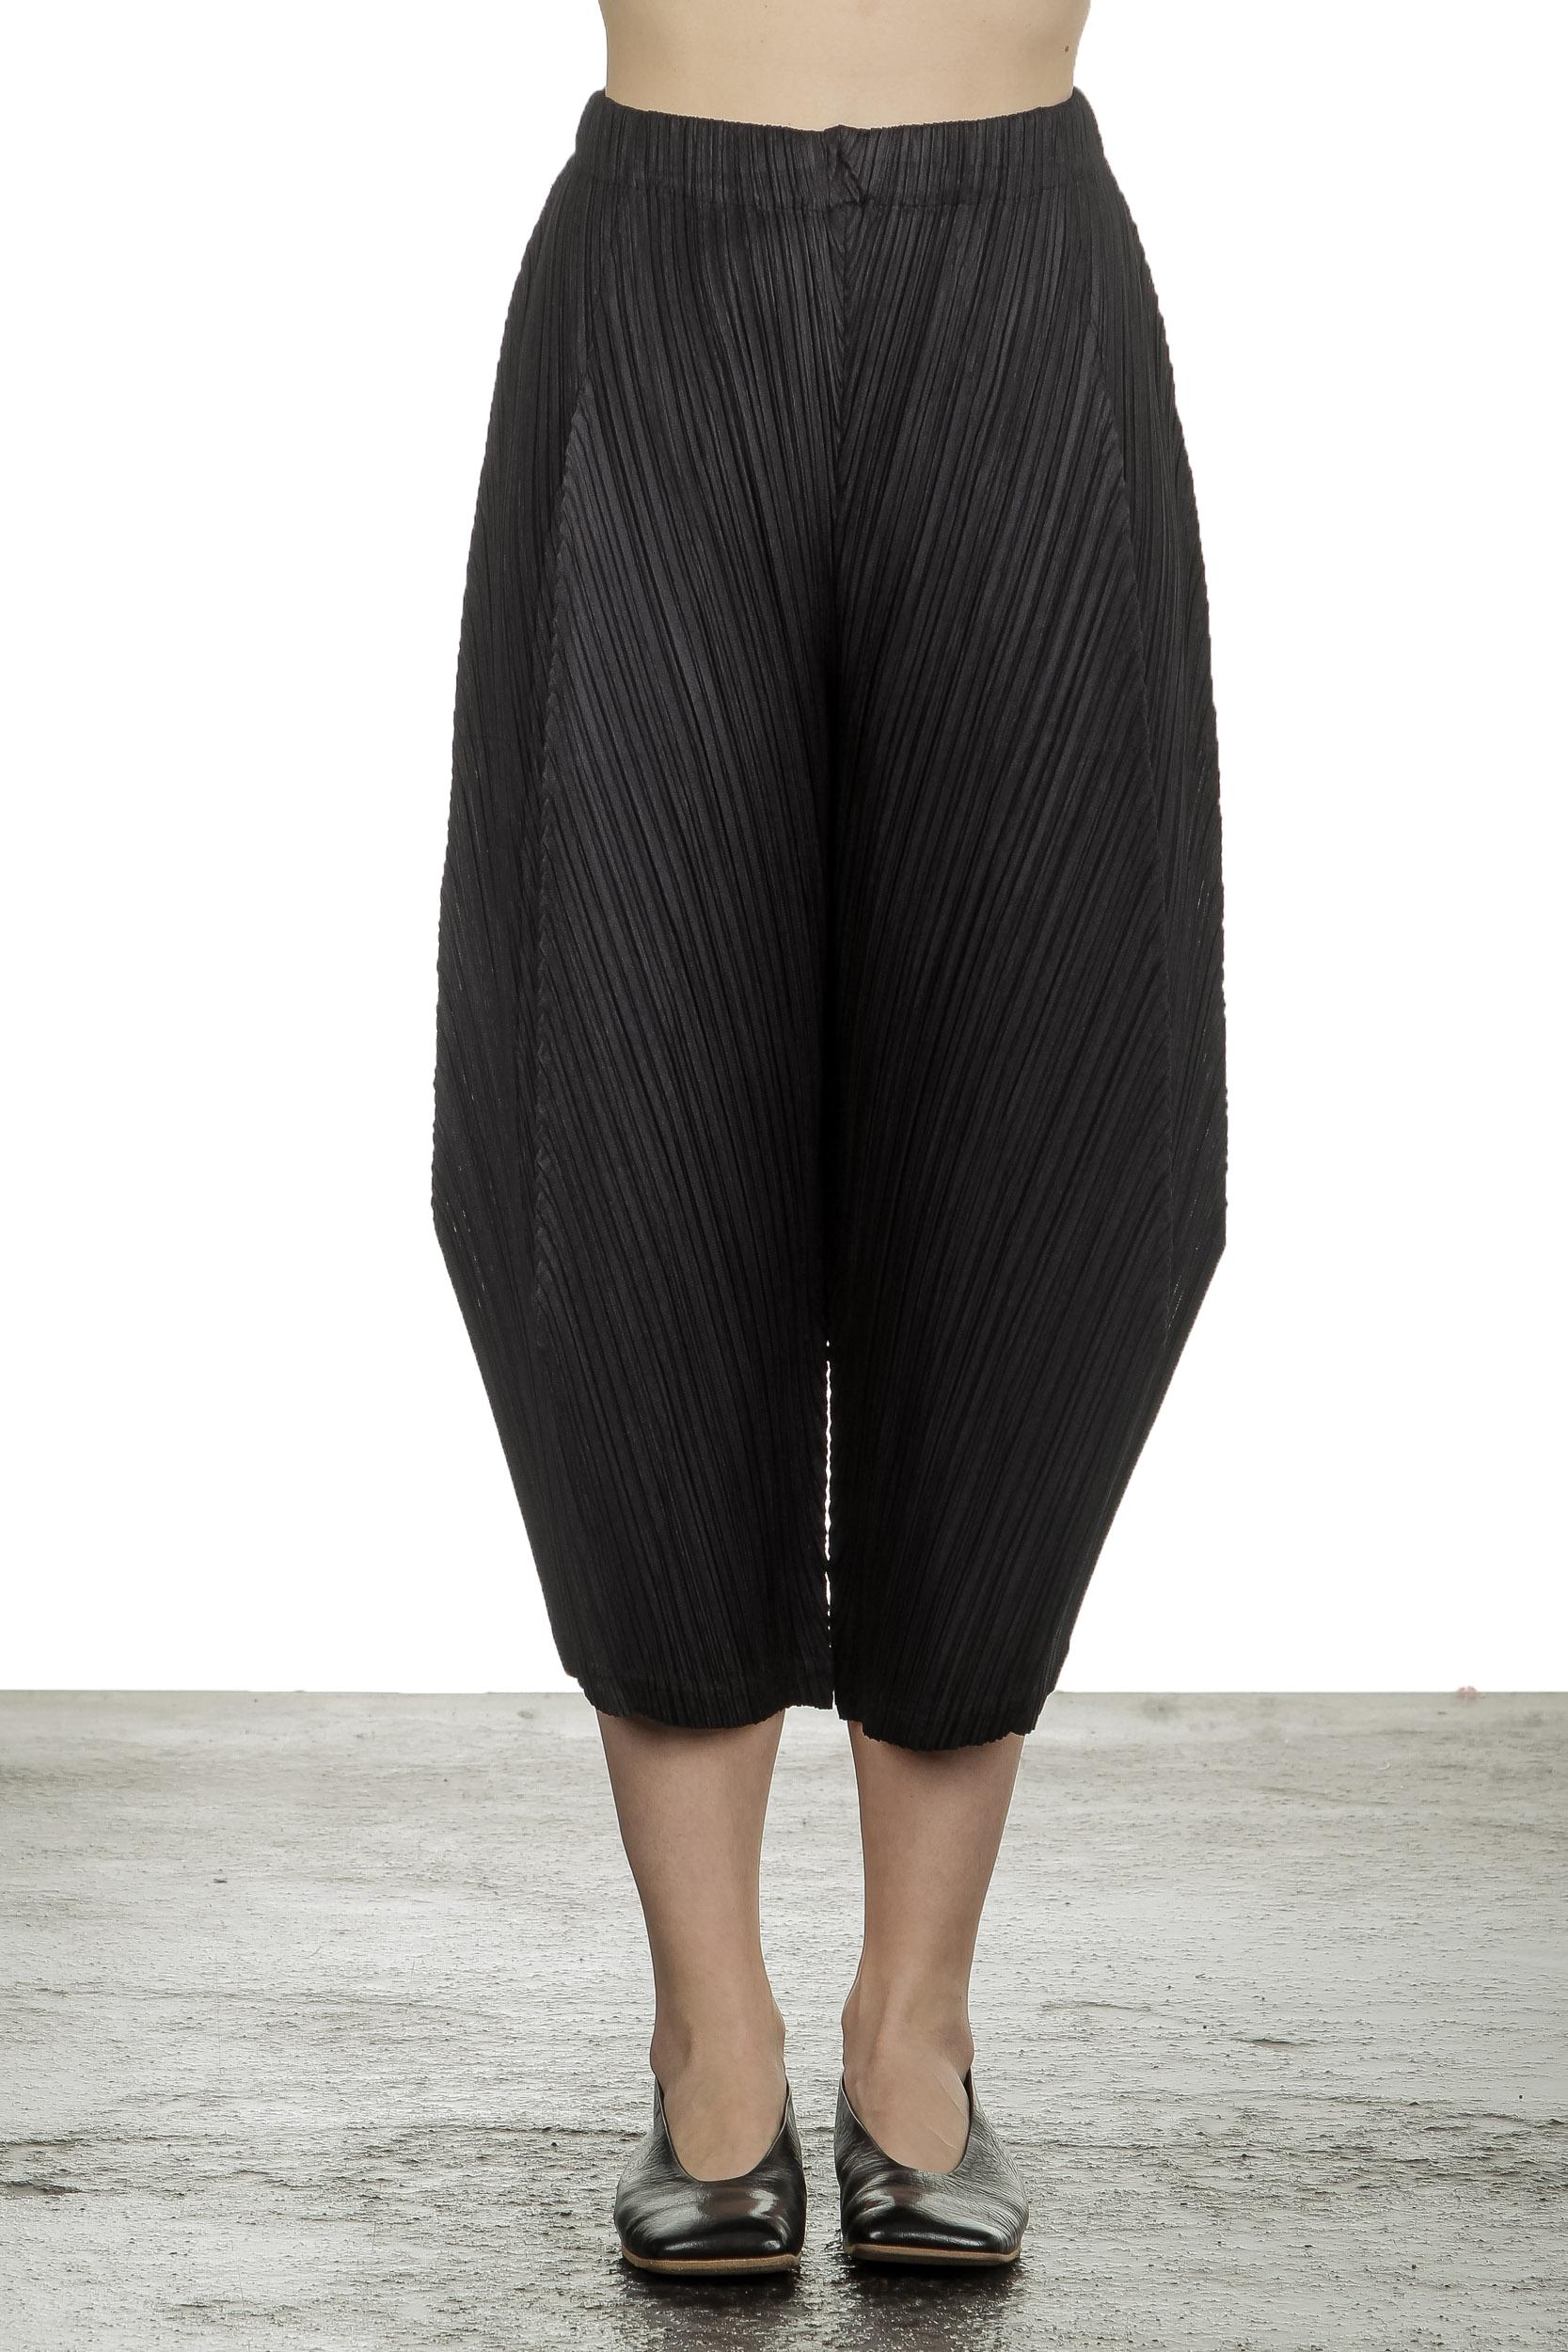 Hosen - Pleats Please Issey Miyake Damen Plissee 7 8 Hose mit hohem Bund schwarz  - Onlineshop Luxury Loft